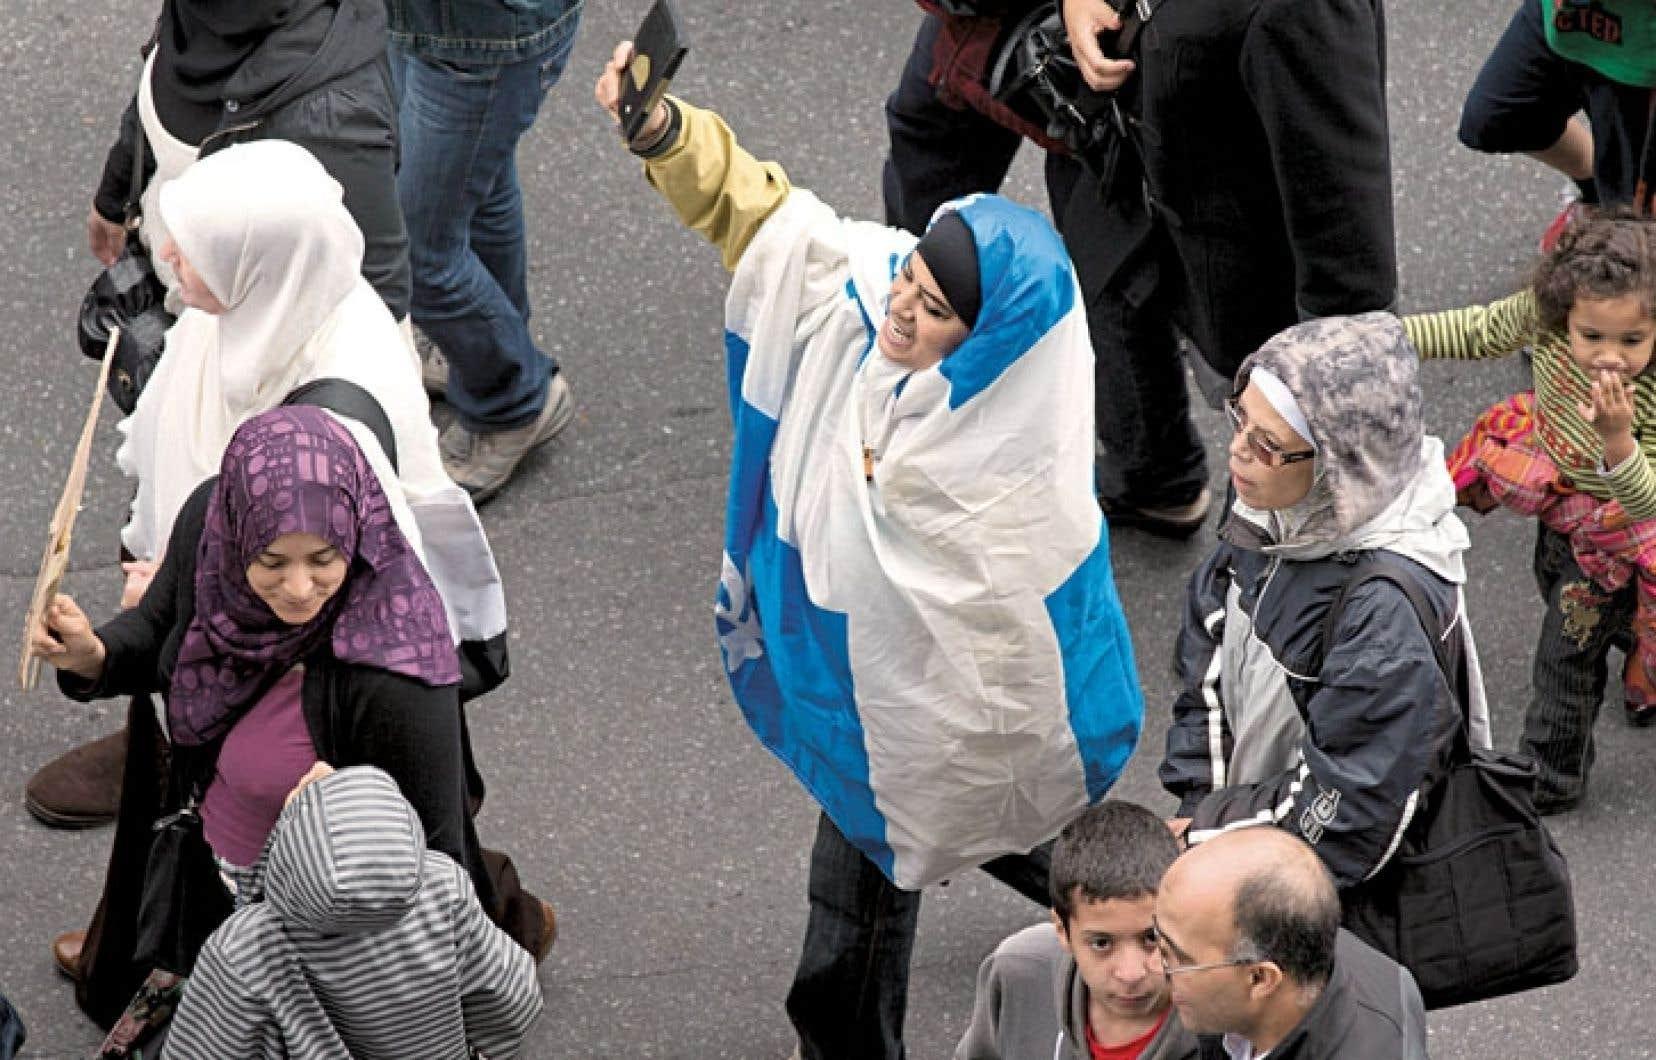 Certaines des plaignantes affirment avoir été agressées verbalement après des manifestations.